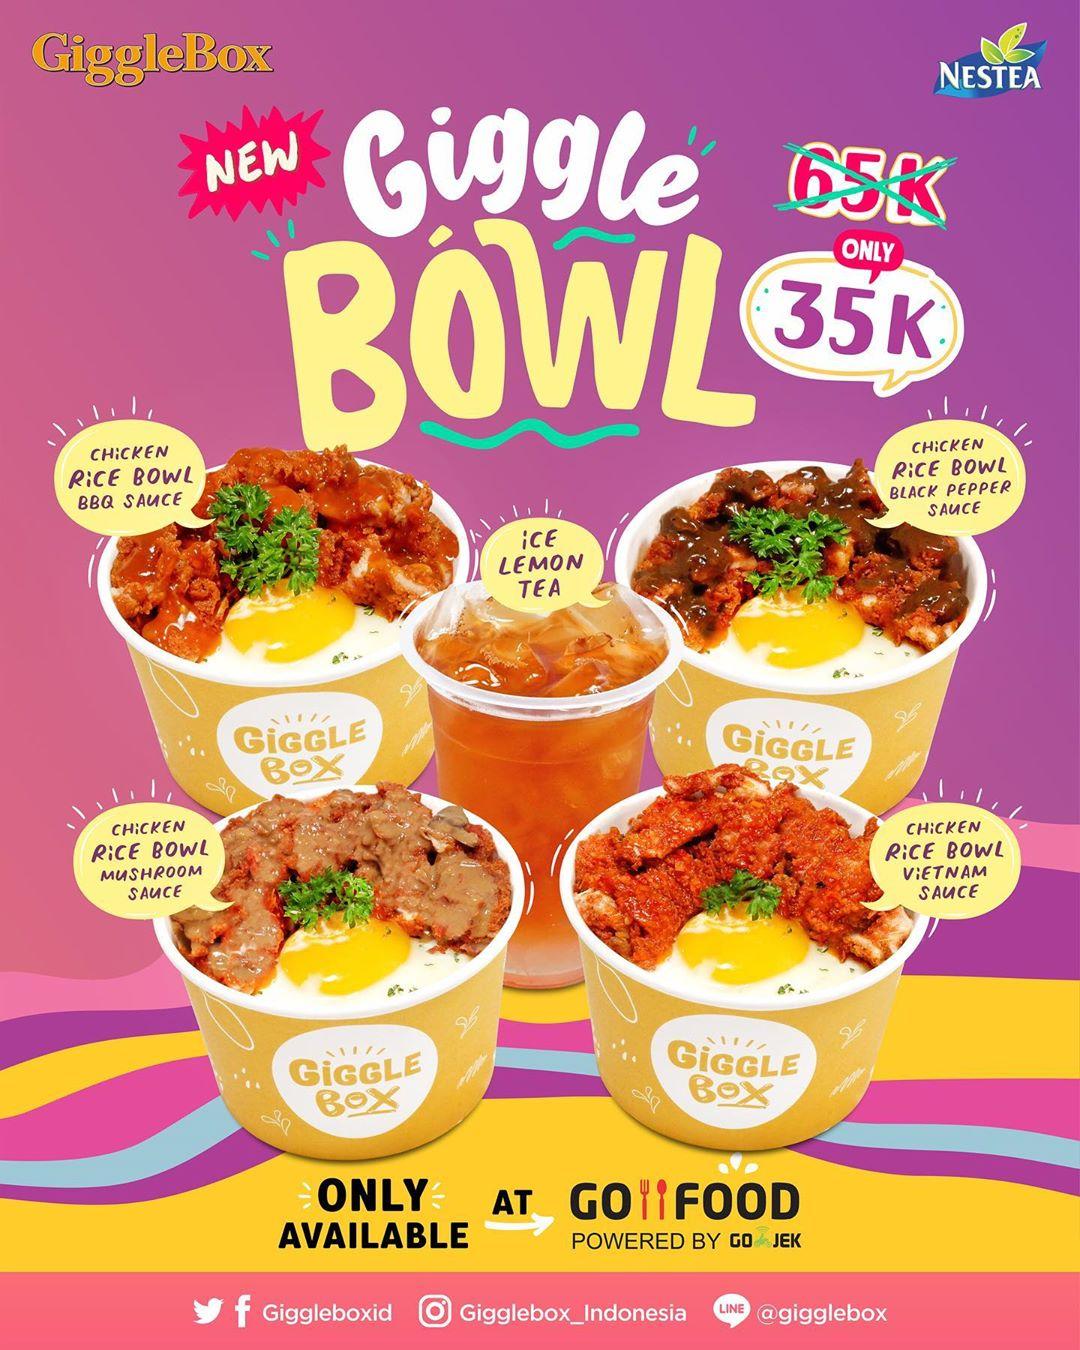 Giggle Box New GiggleBowlz Harga Spesial Rp. 35.000 via GOFOOD